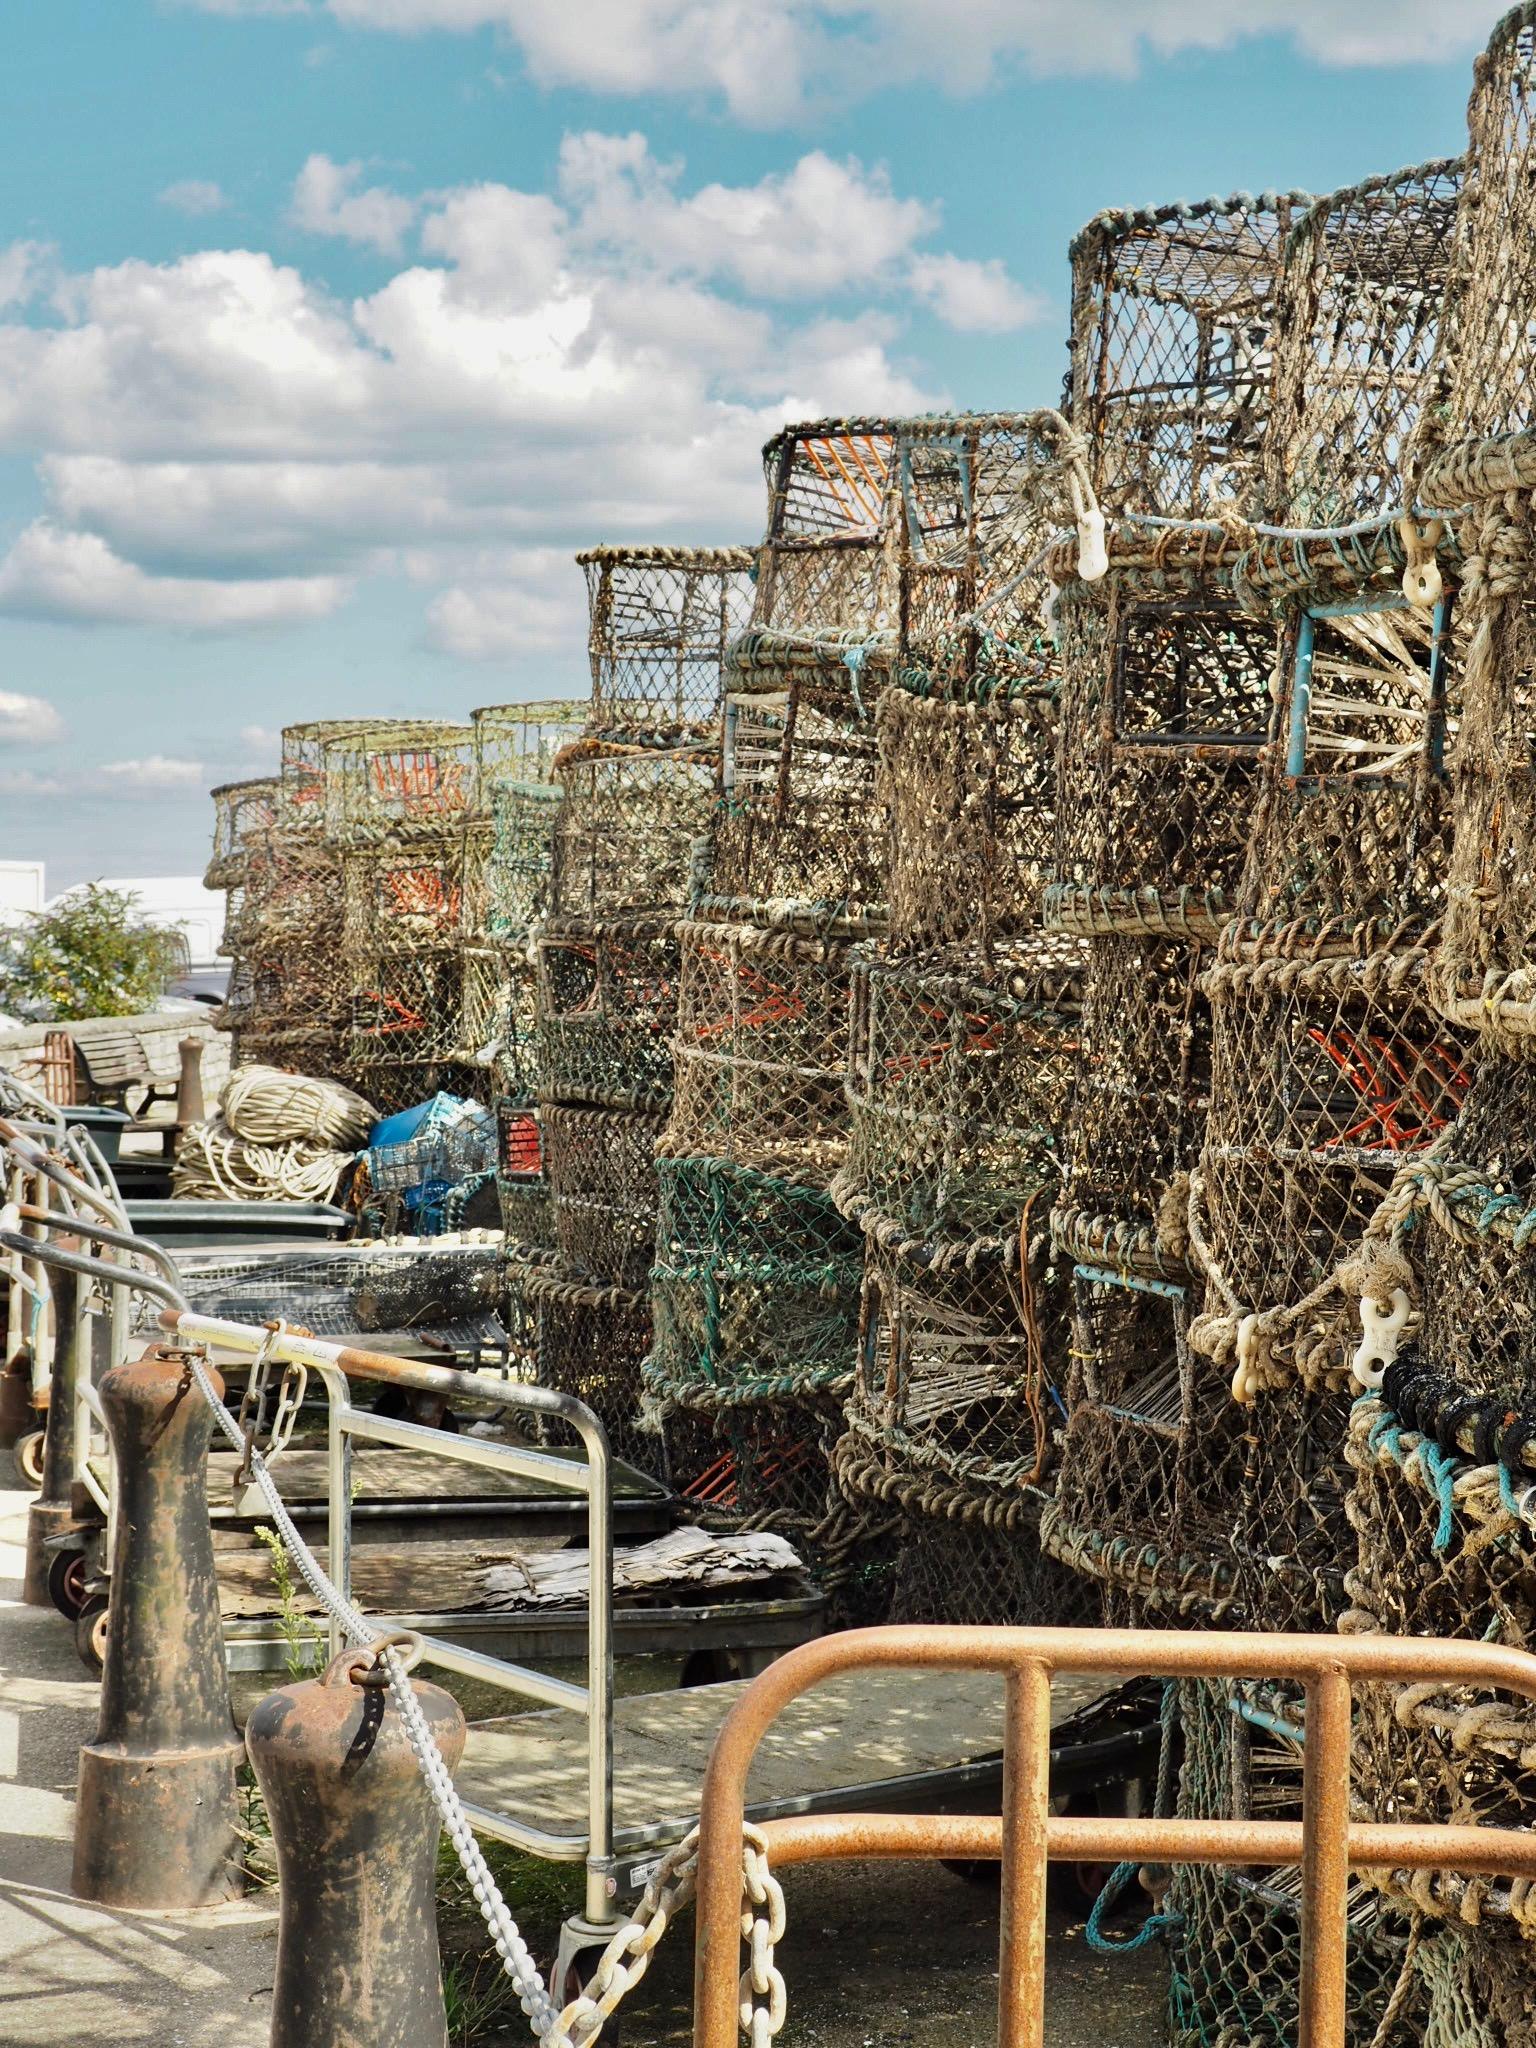 Poole fishing port